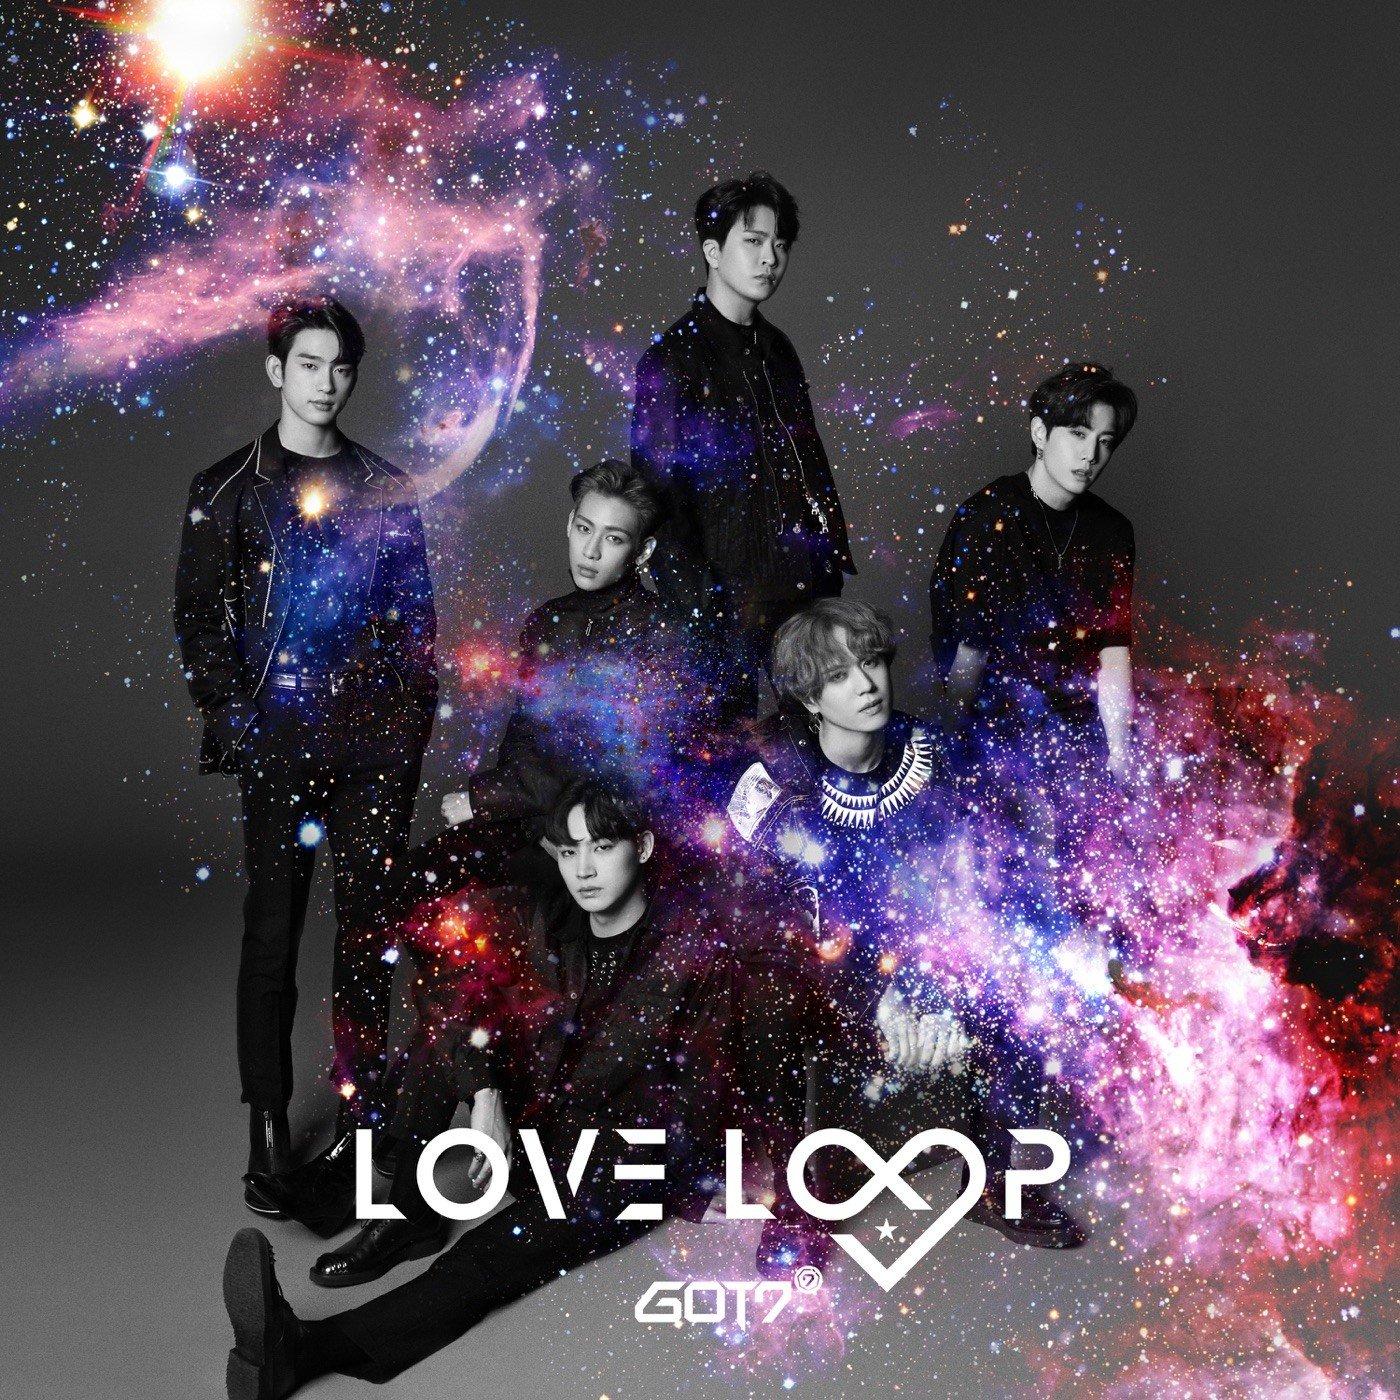 GOT7 – LOVE LOOP [FLAC + MP3 320 / WEB] [2019.07.31]